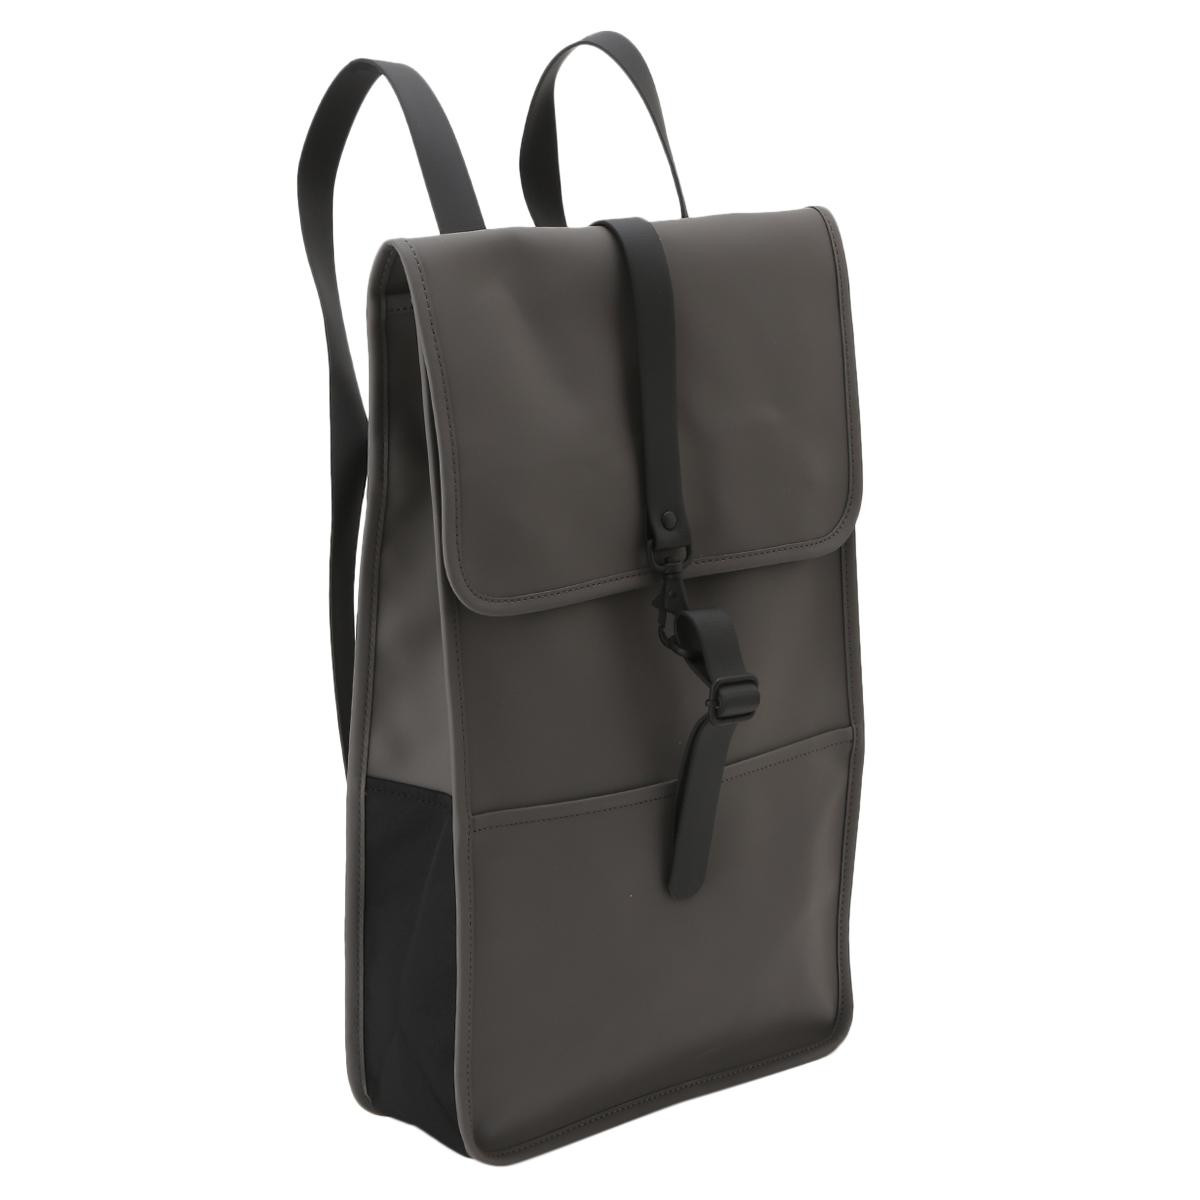 【即納】レインズ RAINS ユニセックス バッグ バックパック・リュック【Backpack 1220】Charcoal デイパック 防水